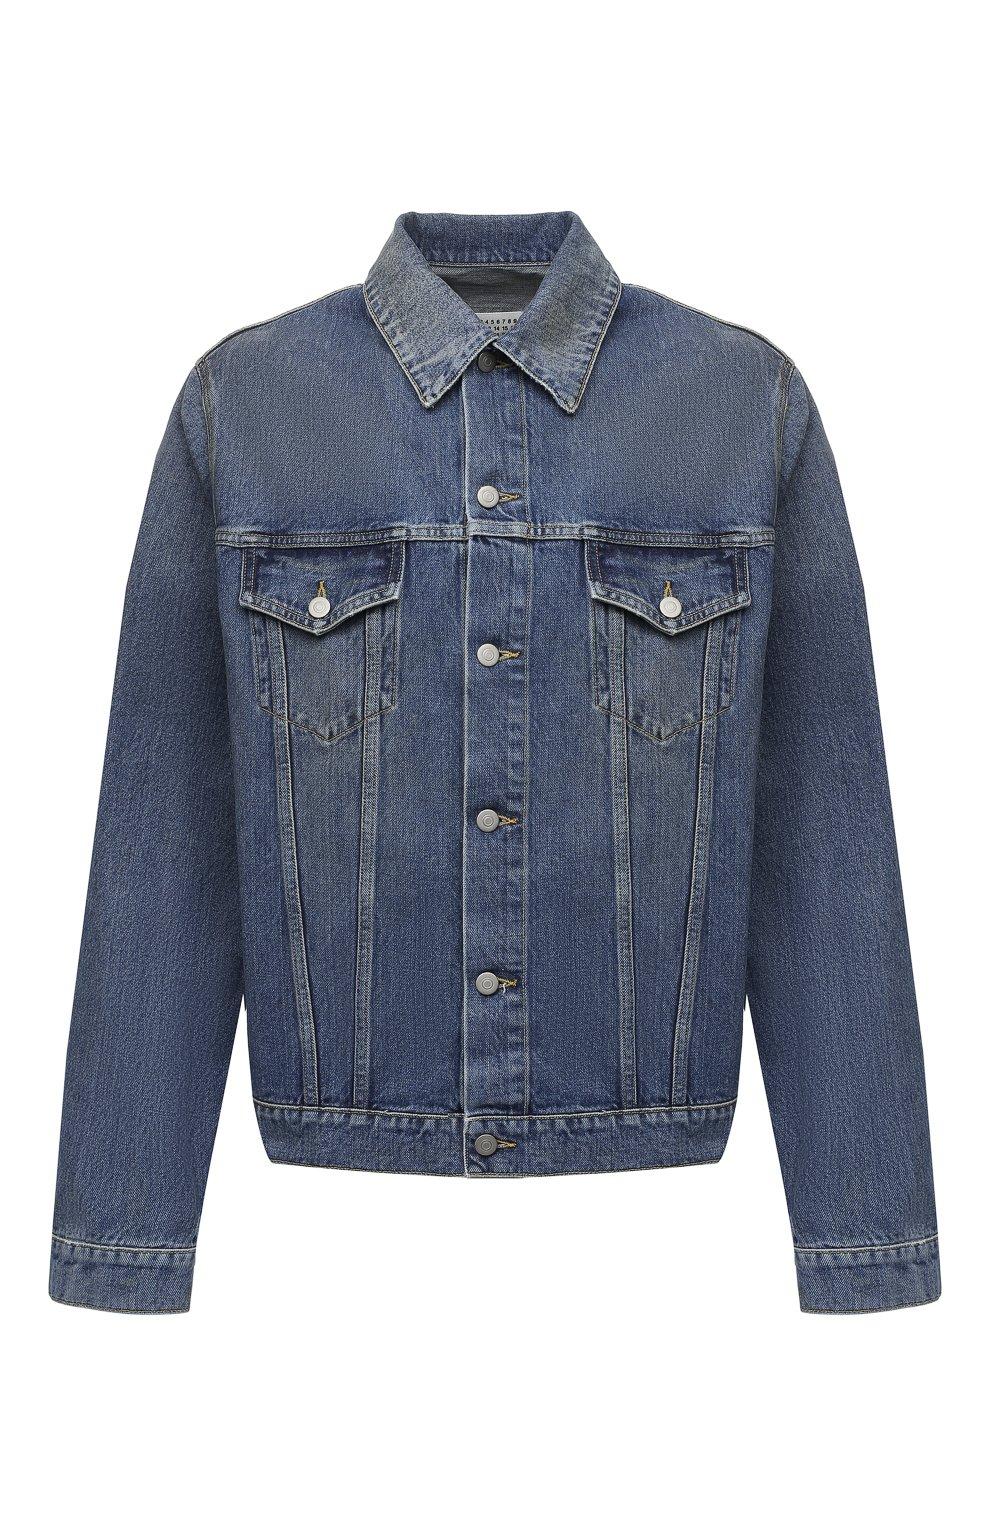 Мужская джинсовая куртка MAISON MARGIELA синего цвета, арт. S50AM0483/S30561 | Фото 1 (Кросс-КТ: Куртка, Деним; Рукава: Длинные; Стили: Гранж; Материал внешний: Хлопок; Мужское Кросс-КТ: Куртка-верхняя одежда, Верхняя одежда; Длина (верхняя одежда): Короткие)